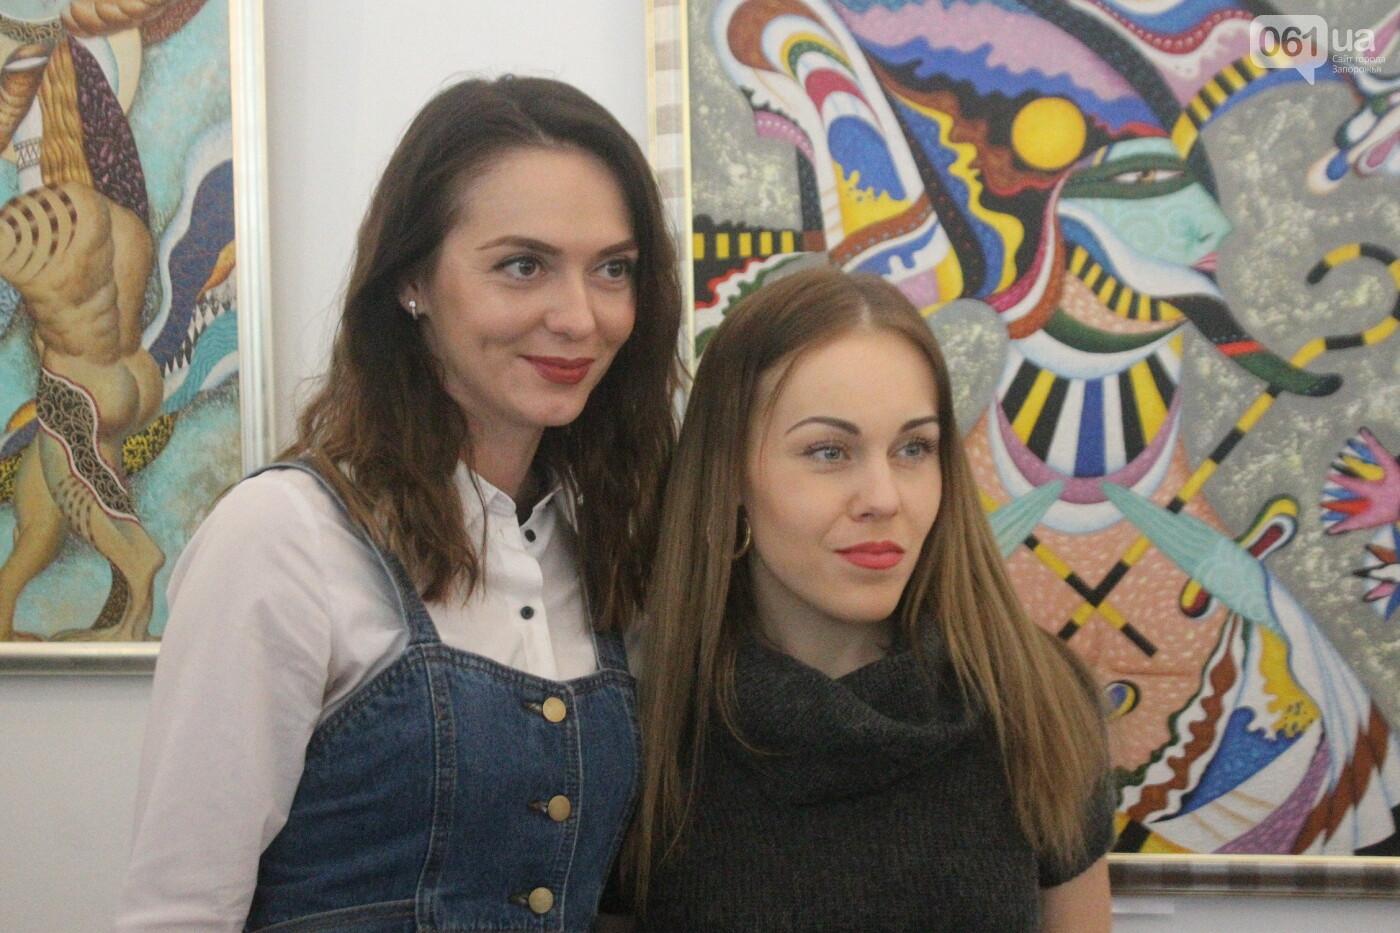 Перед концертом в родном Запорожье певица Alyosha провела автограф-сессию, – ФОТОРЕПОРТАЖ, фото-22